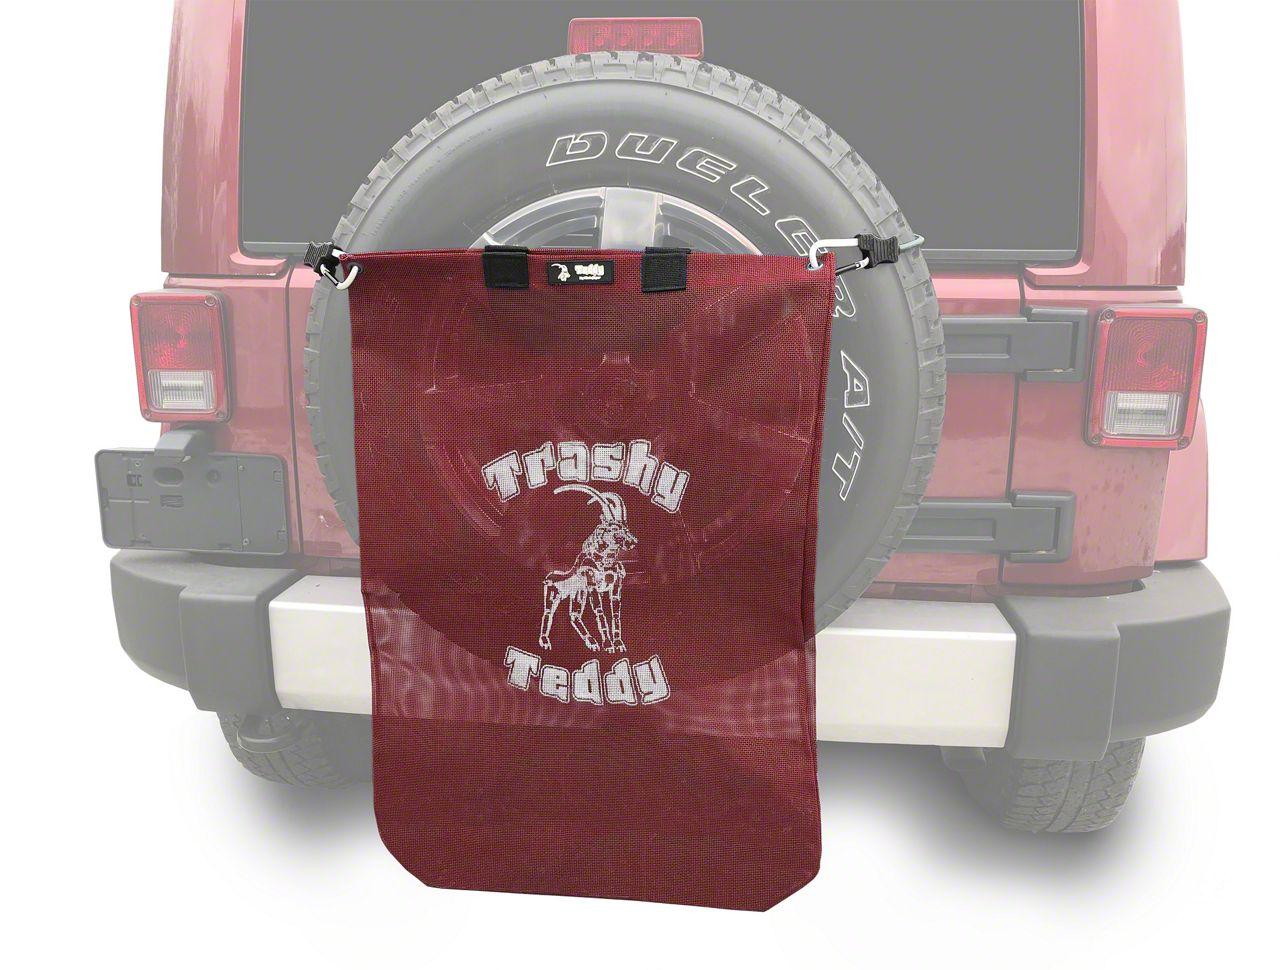 Steinjager Trashy Teddy - Burgundy (07-18 Jeep Wrangler JK)